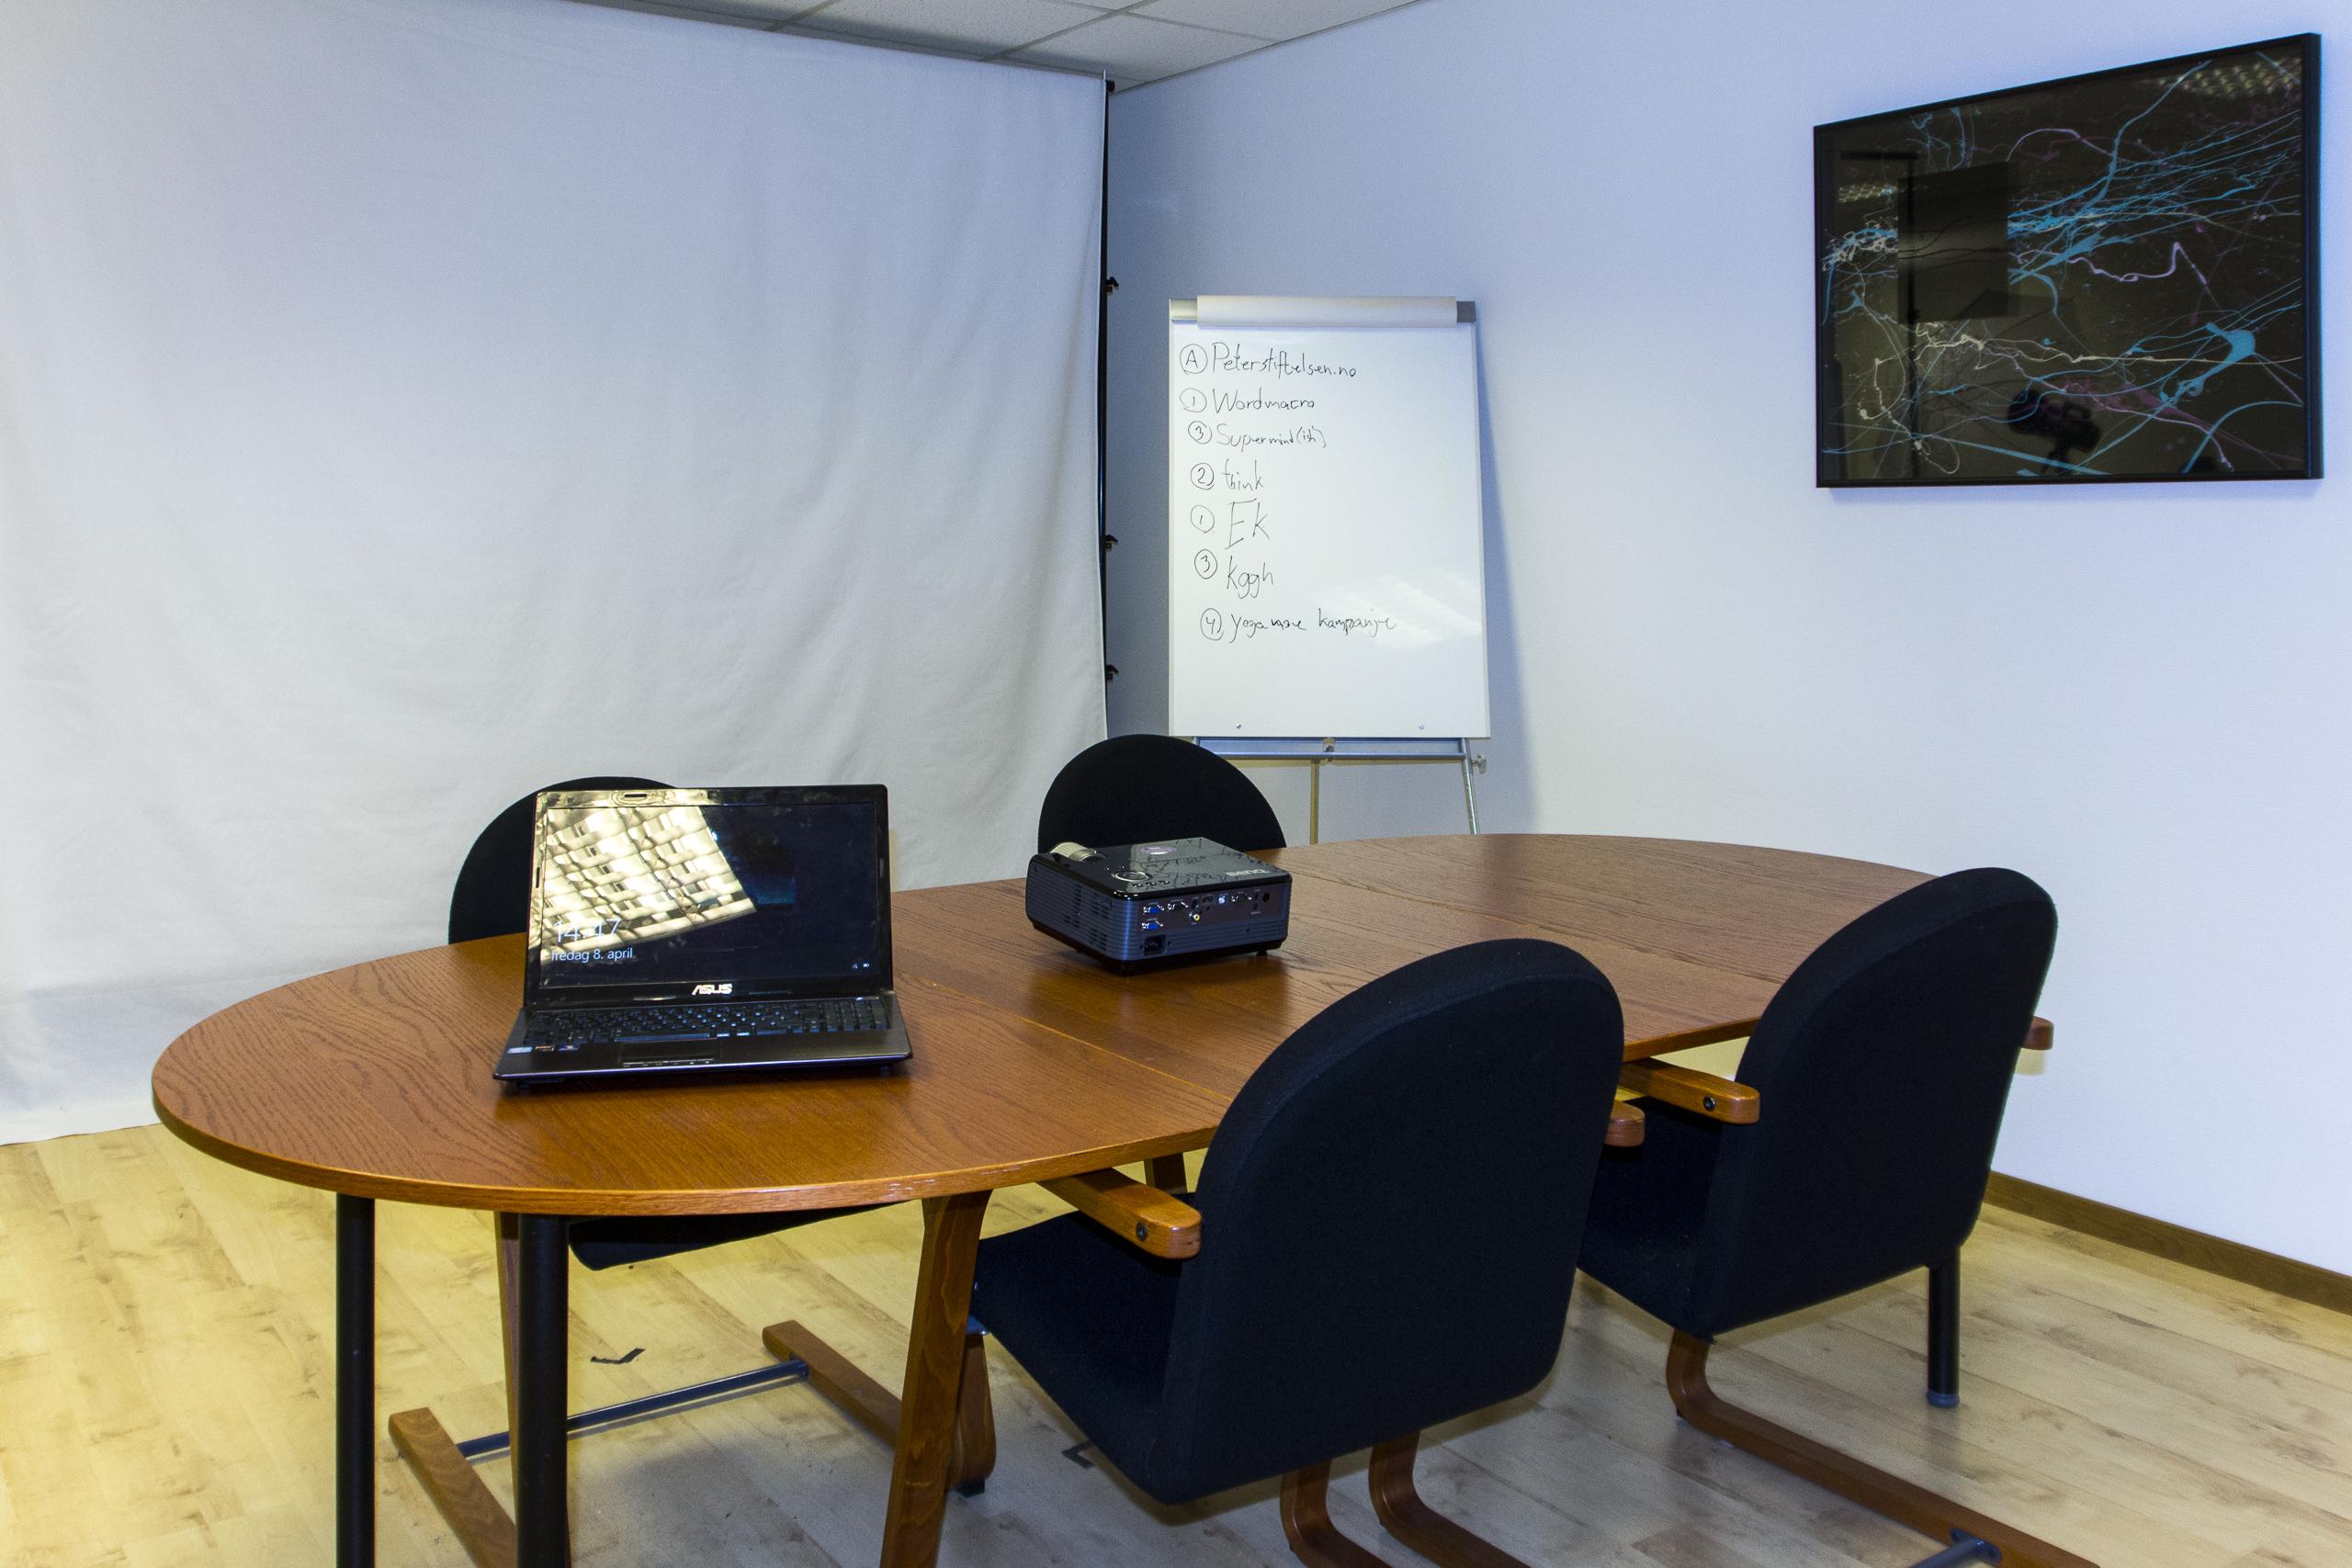 Rom med møtebord projektor og bærbar-pc